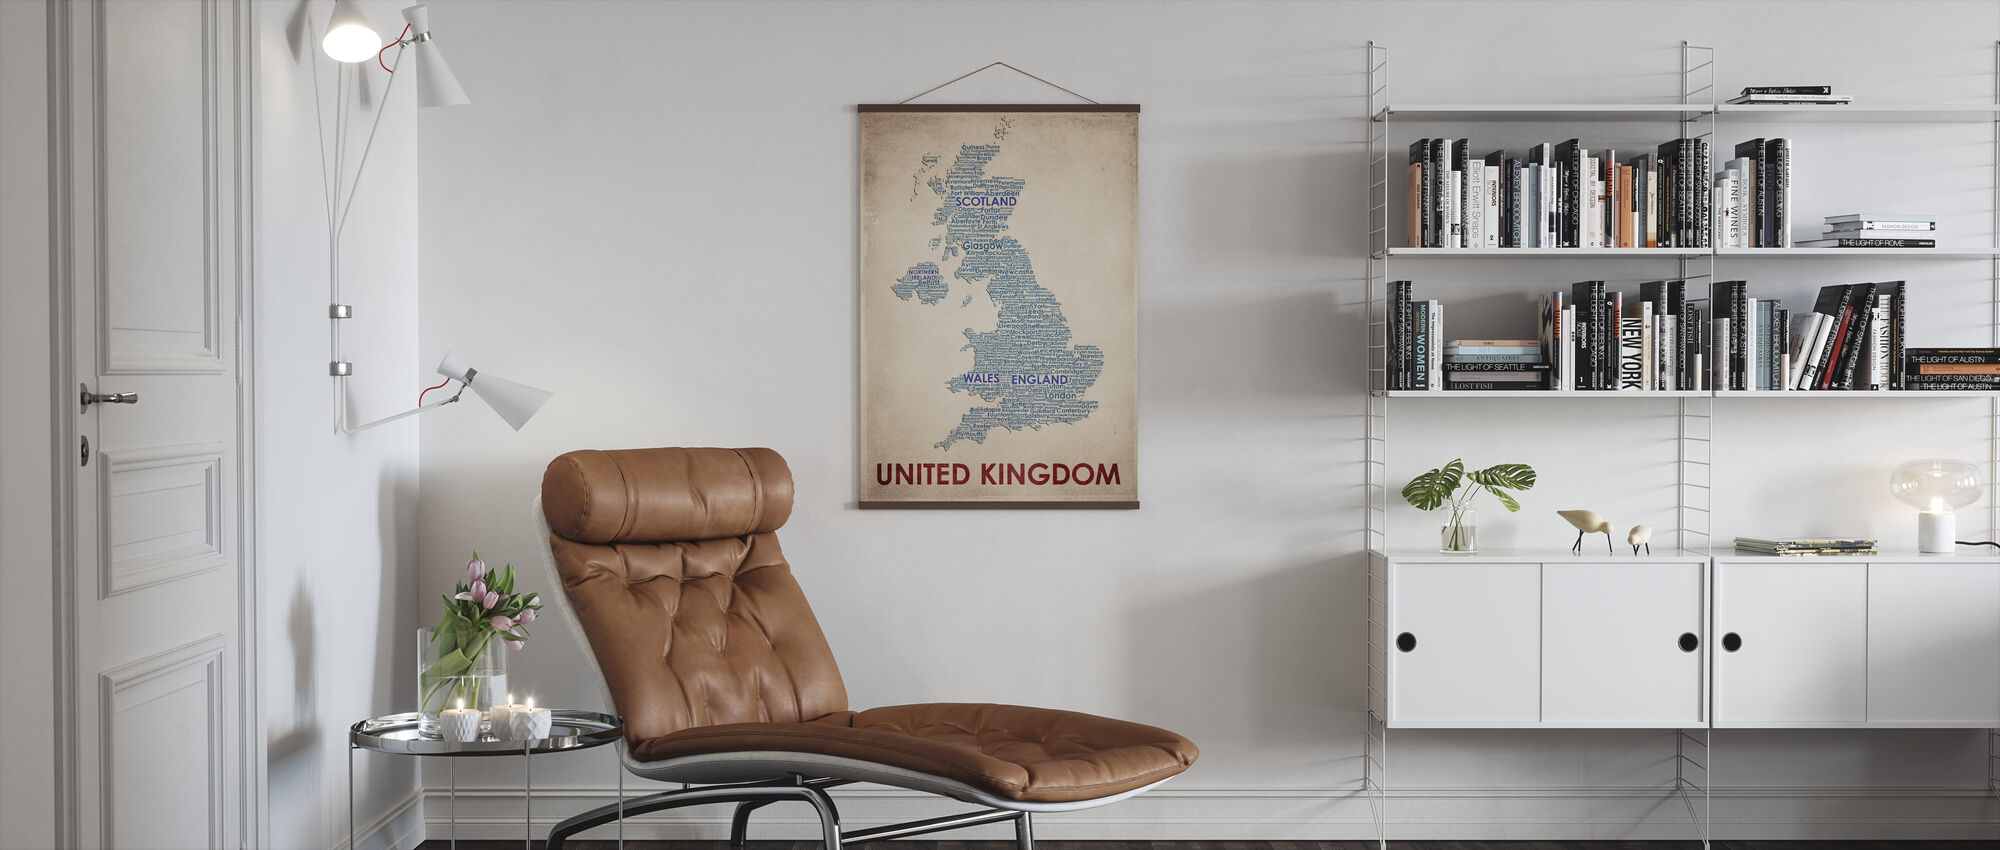 Yhdistynyt kuningaskunta Kartta - Juliste - Olohuone